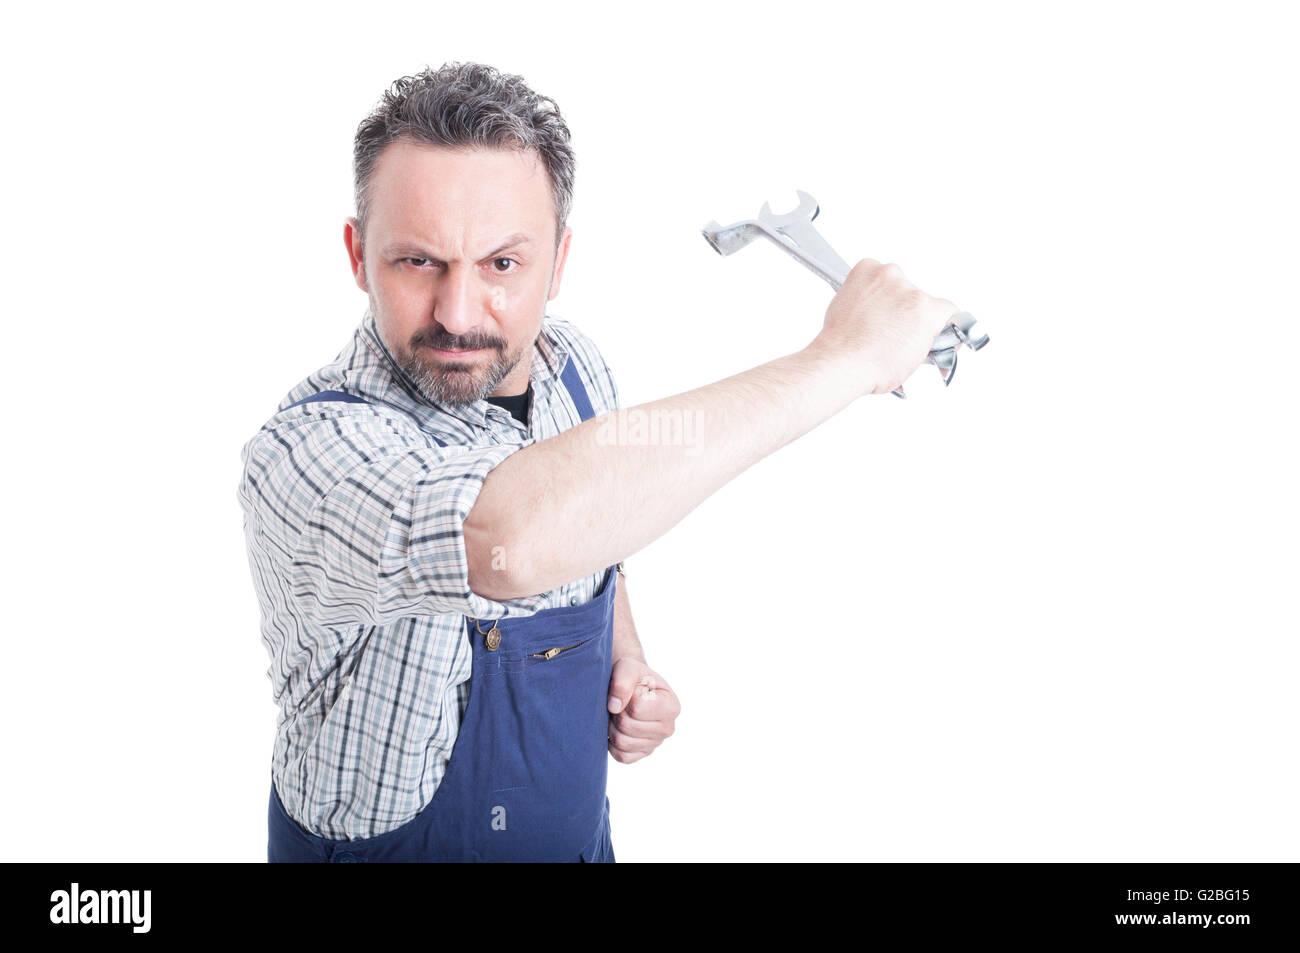 Enojado mecánico en ropa de trabajo actuando violento con una llave de acero aisladas sobre fondo blanco. Imagen De Stock